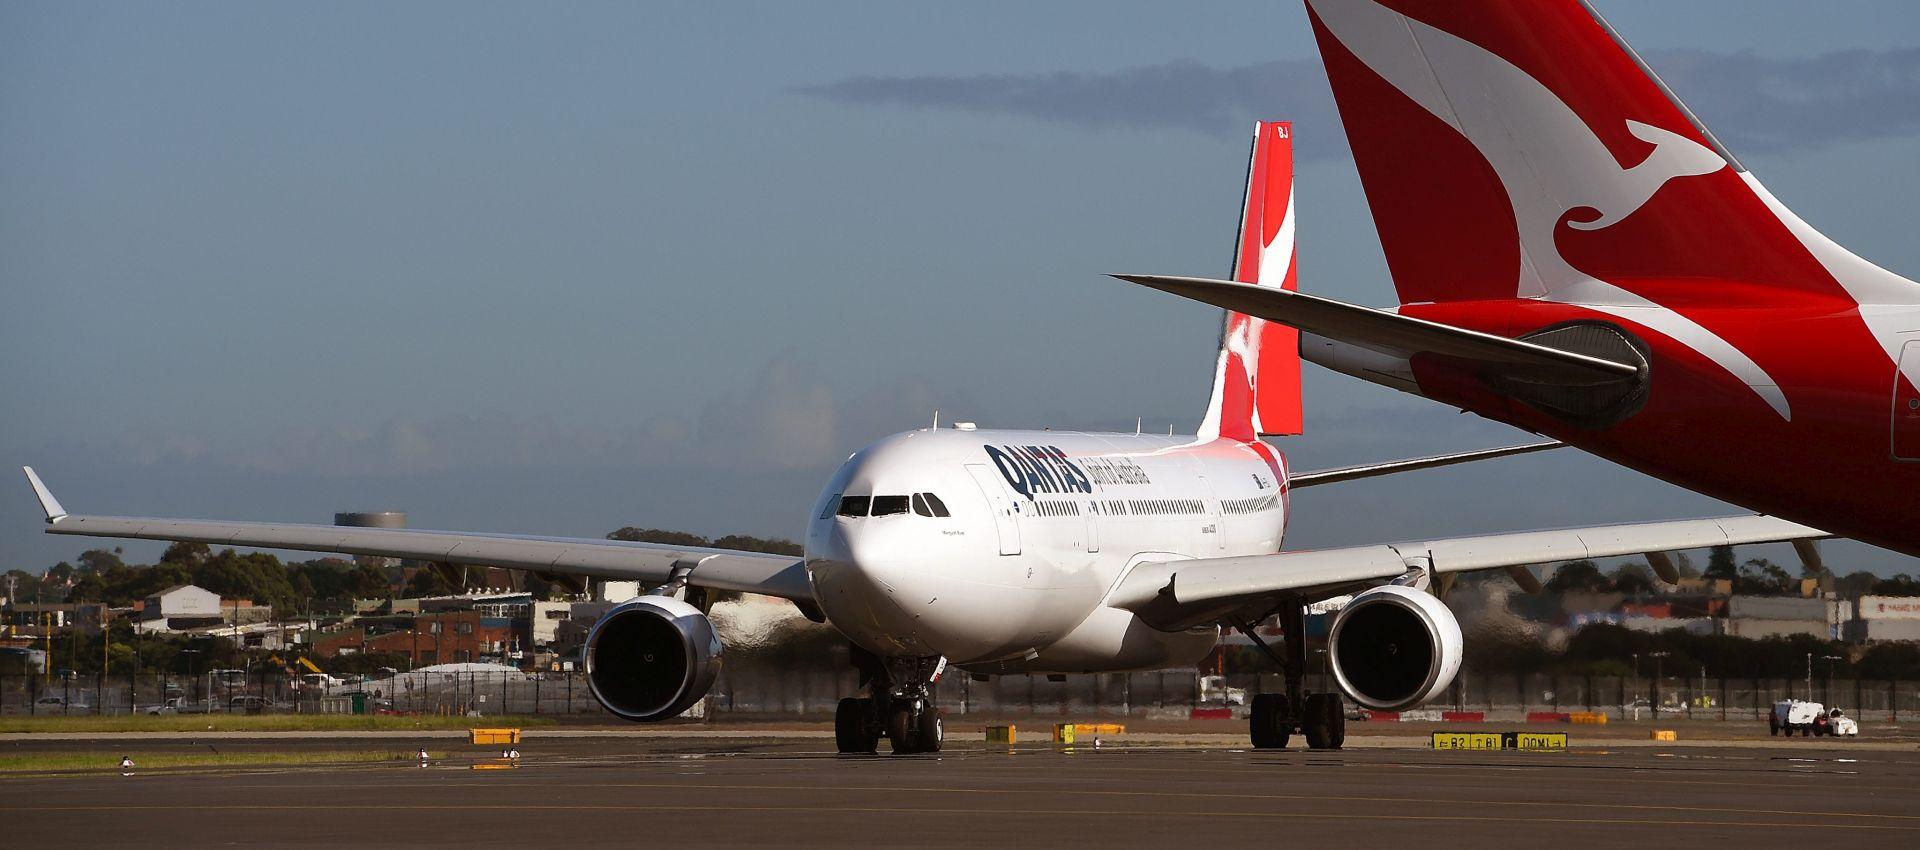 Prodaja zrakoplova Iranu: Airbus dobio prvo odobrenje SAD-a